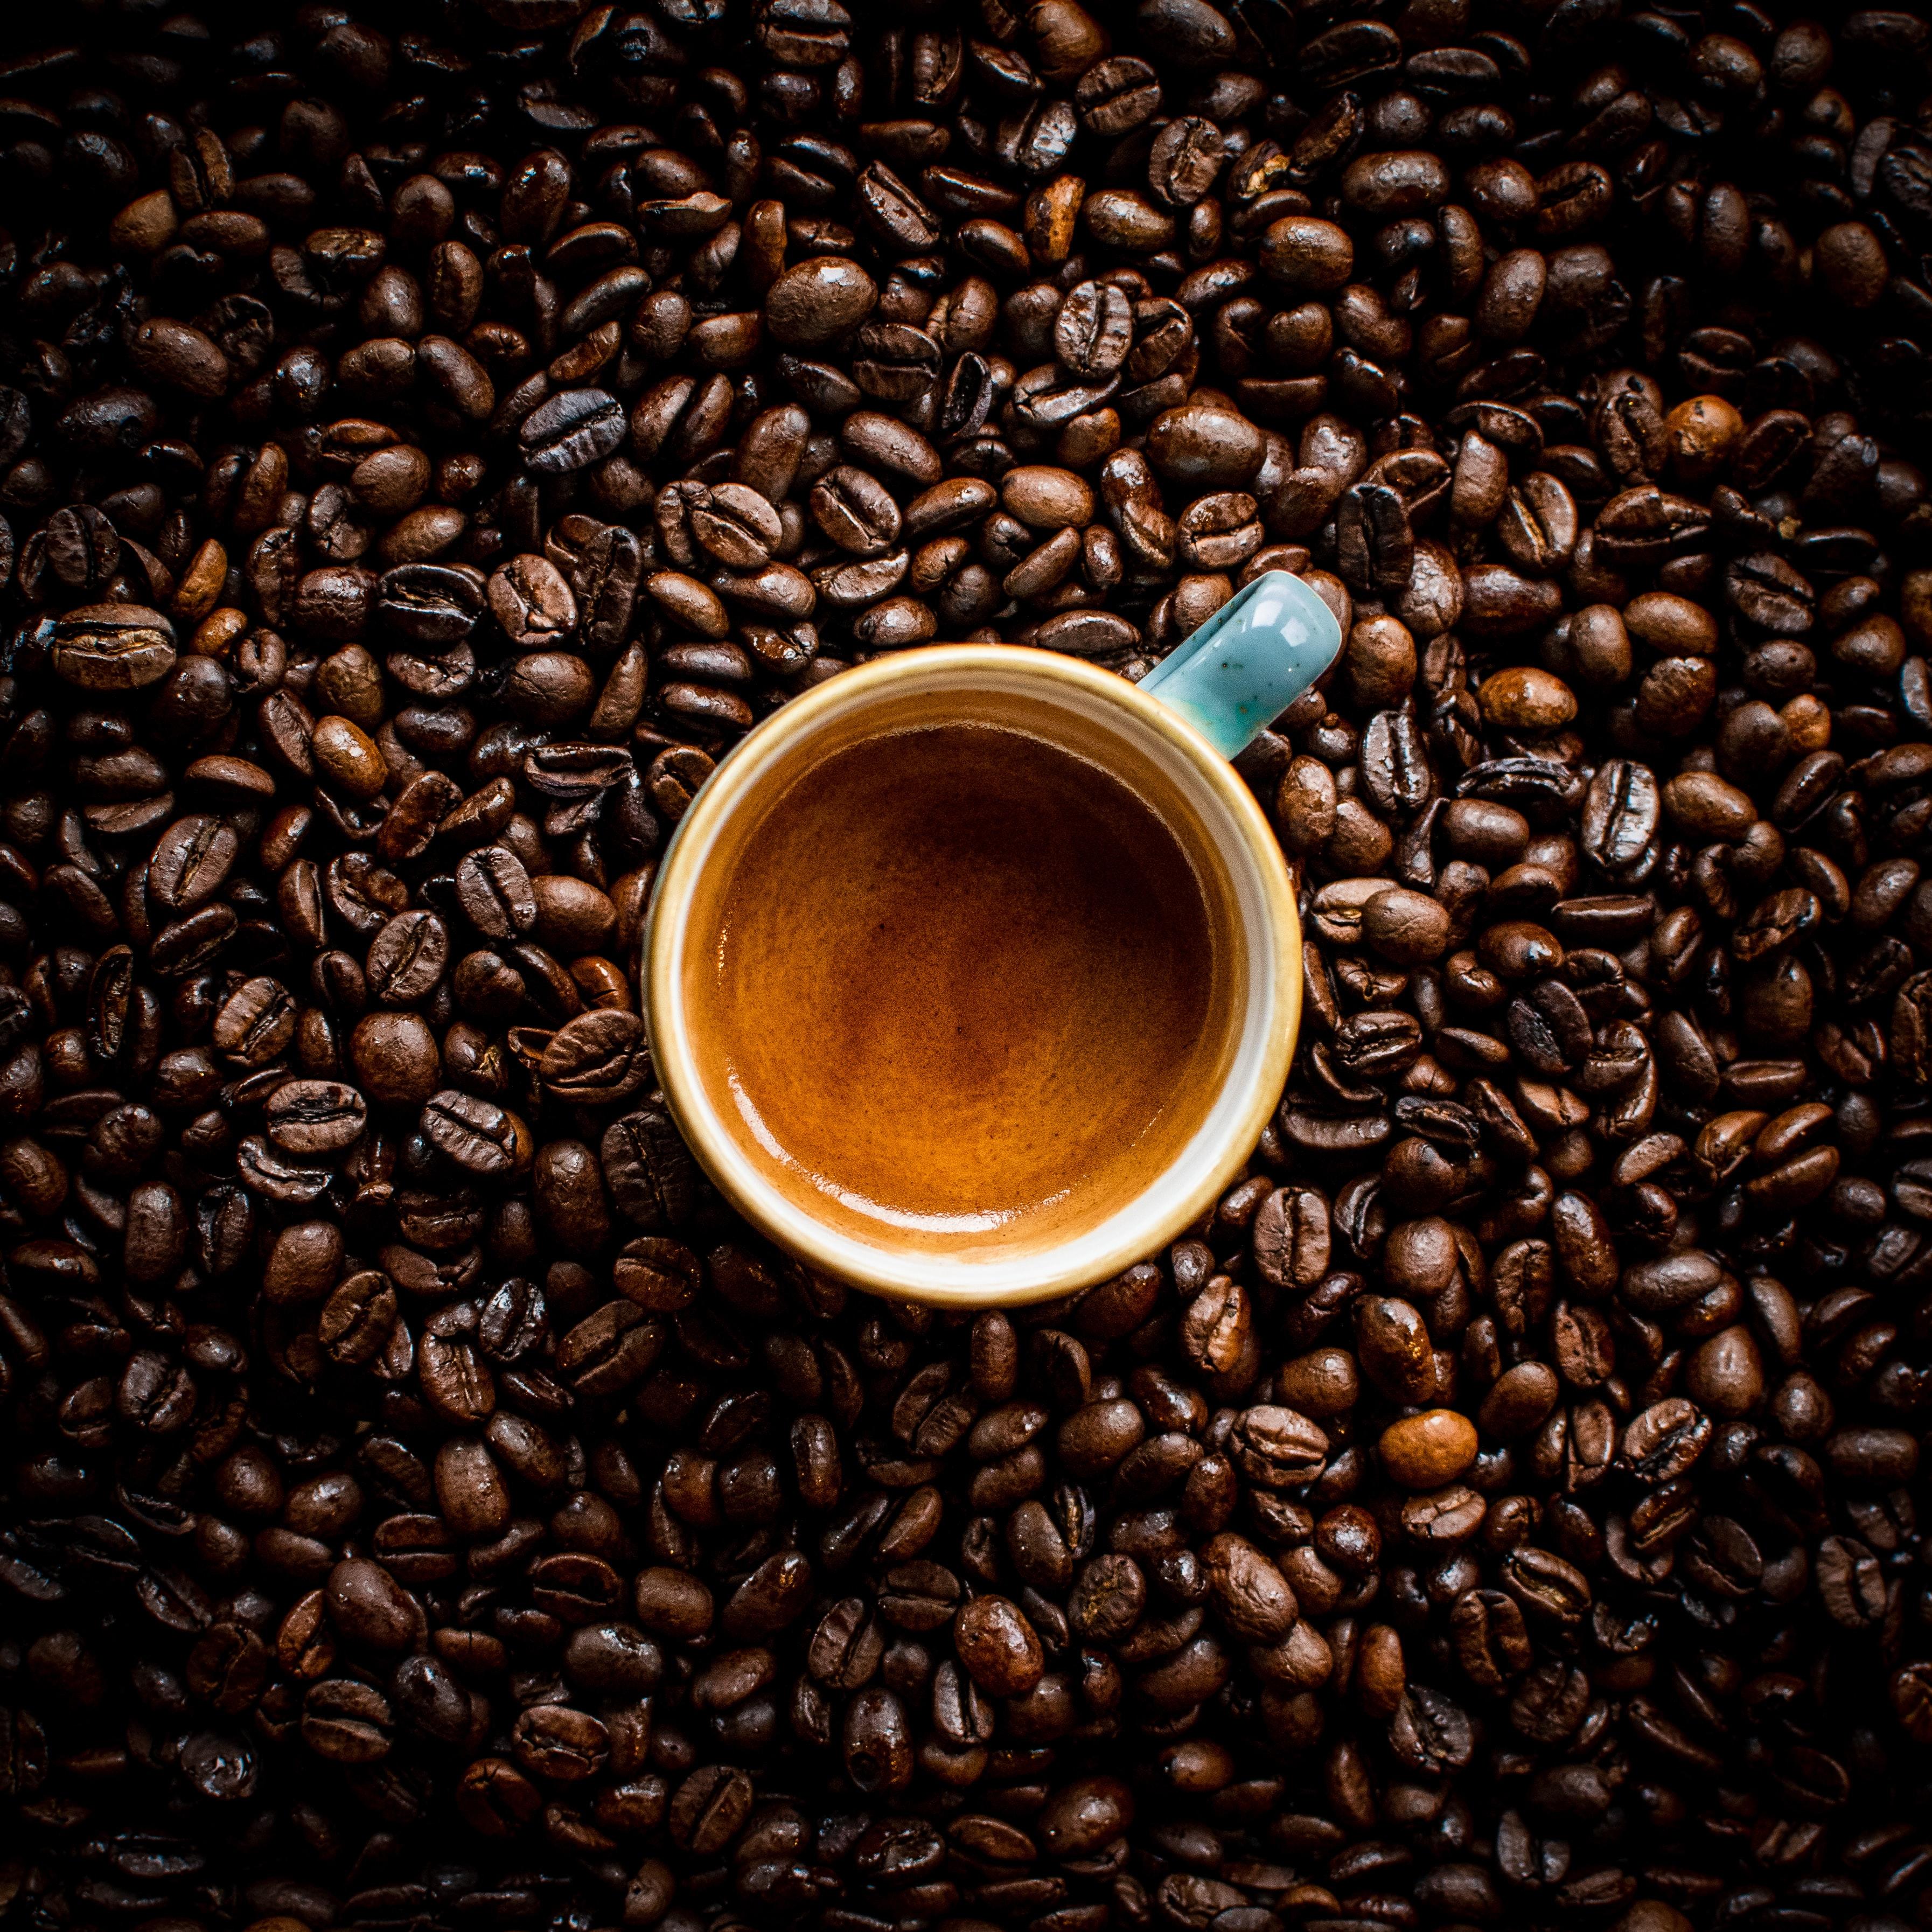 151901 papel de parede 360x640 em seu telefone gratuitamente, baixe imagens Comida, Café, Um Copo, Chávena, Castanho, Marrom, Bebida, Grãos De Café 360x640 em seu celular